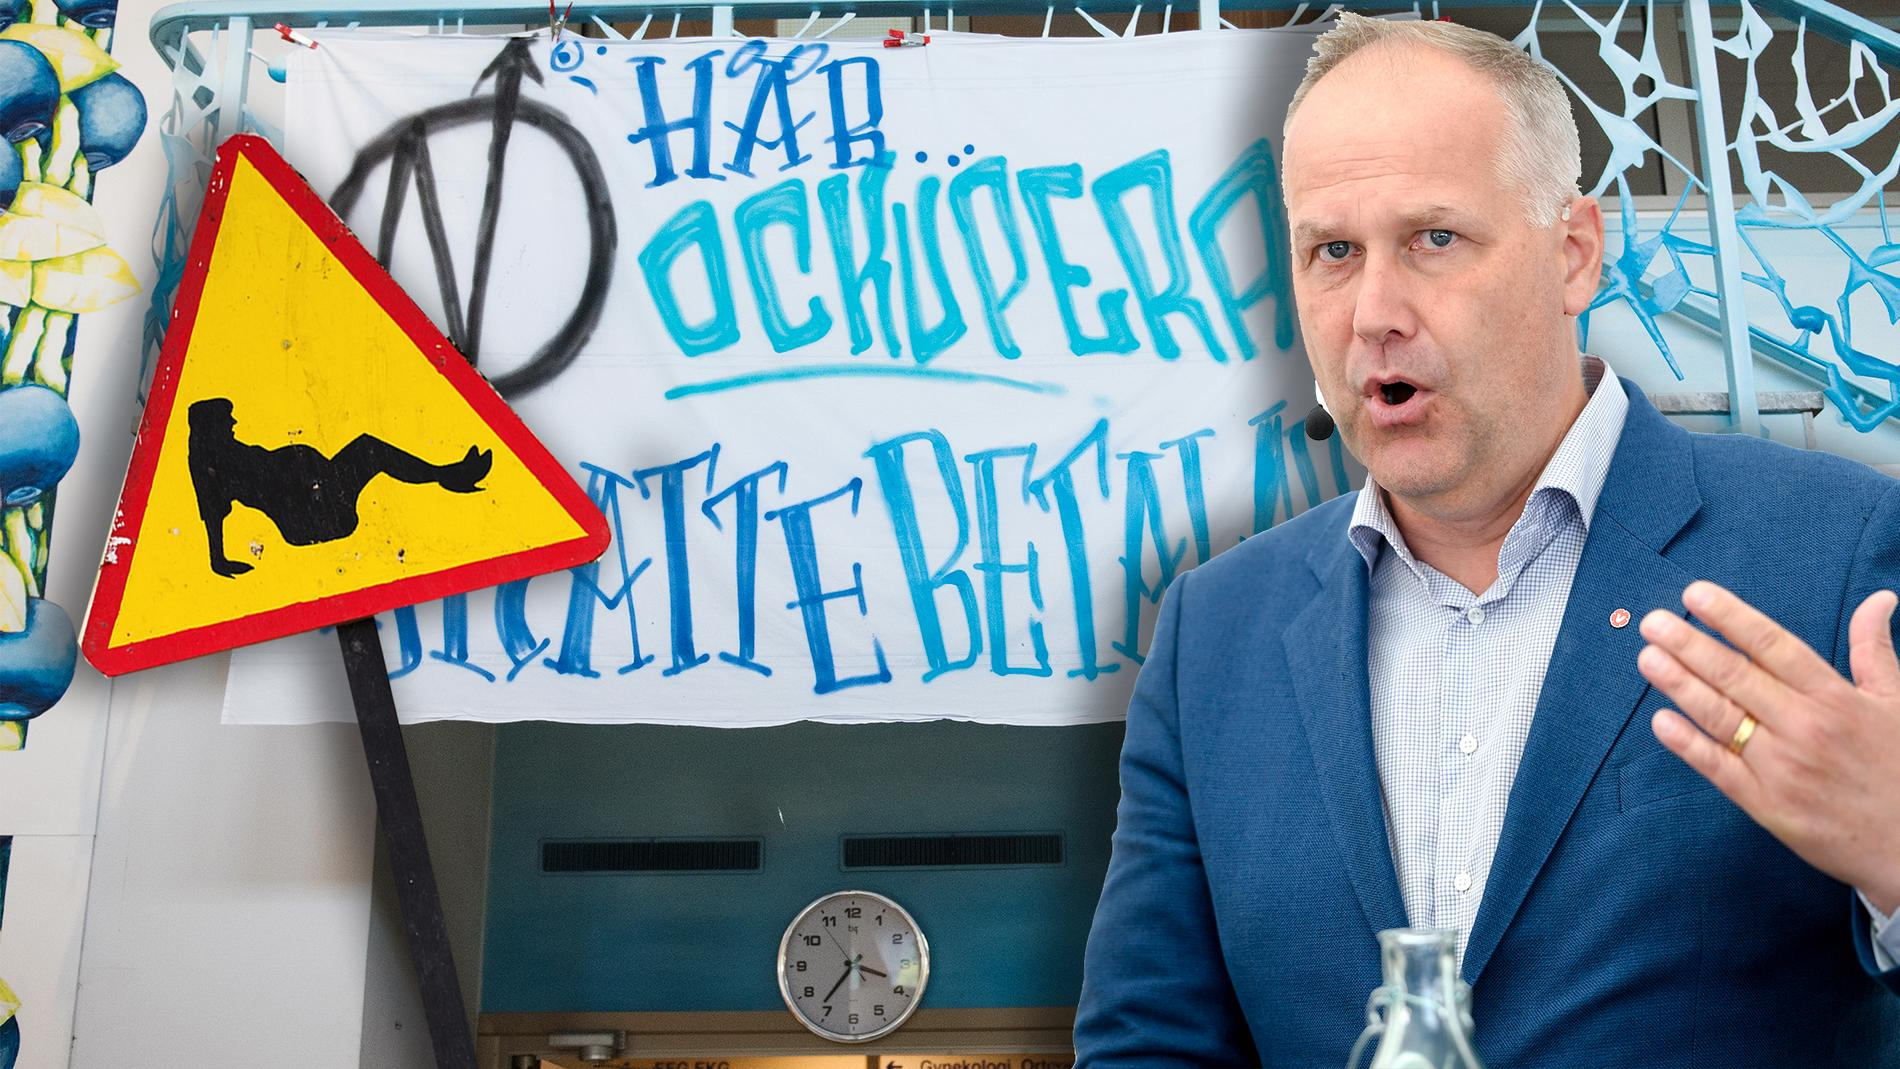 Vårt mål är en förlossningsvård i toppklass, skriver Jonas Sjöstedt, Vänsterpartiet.